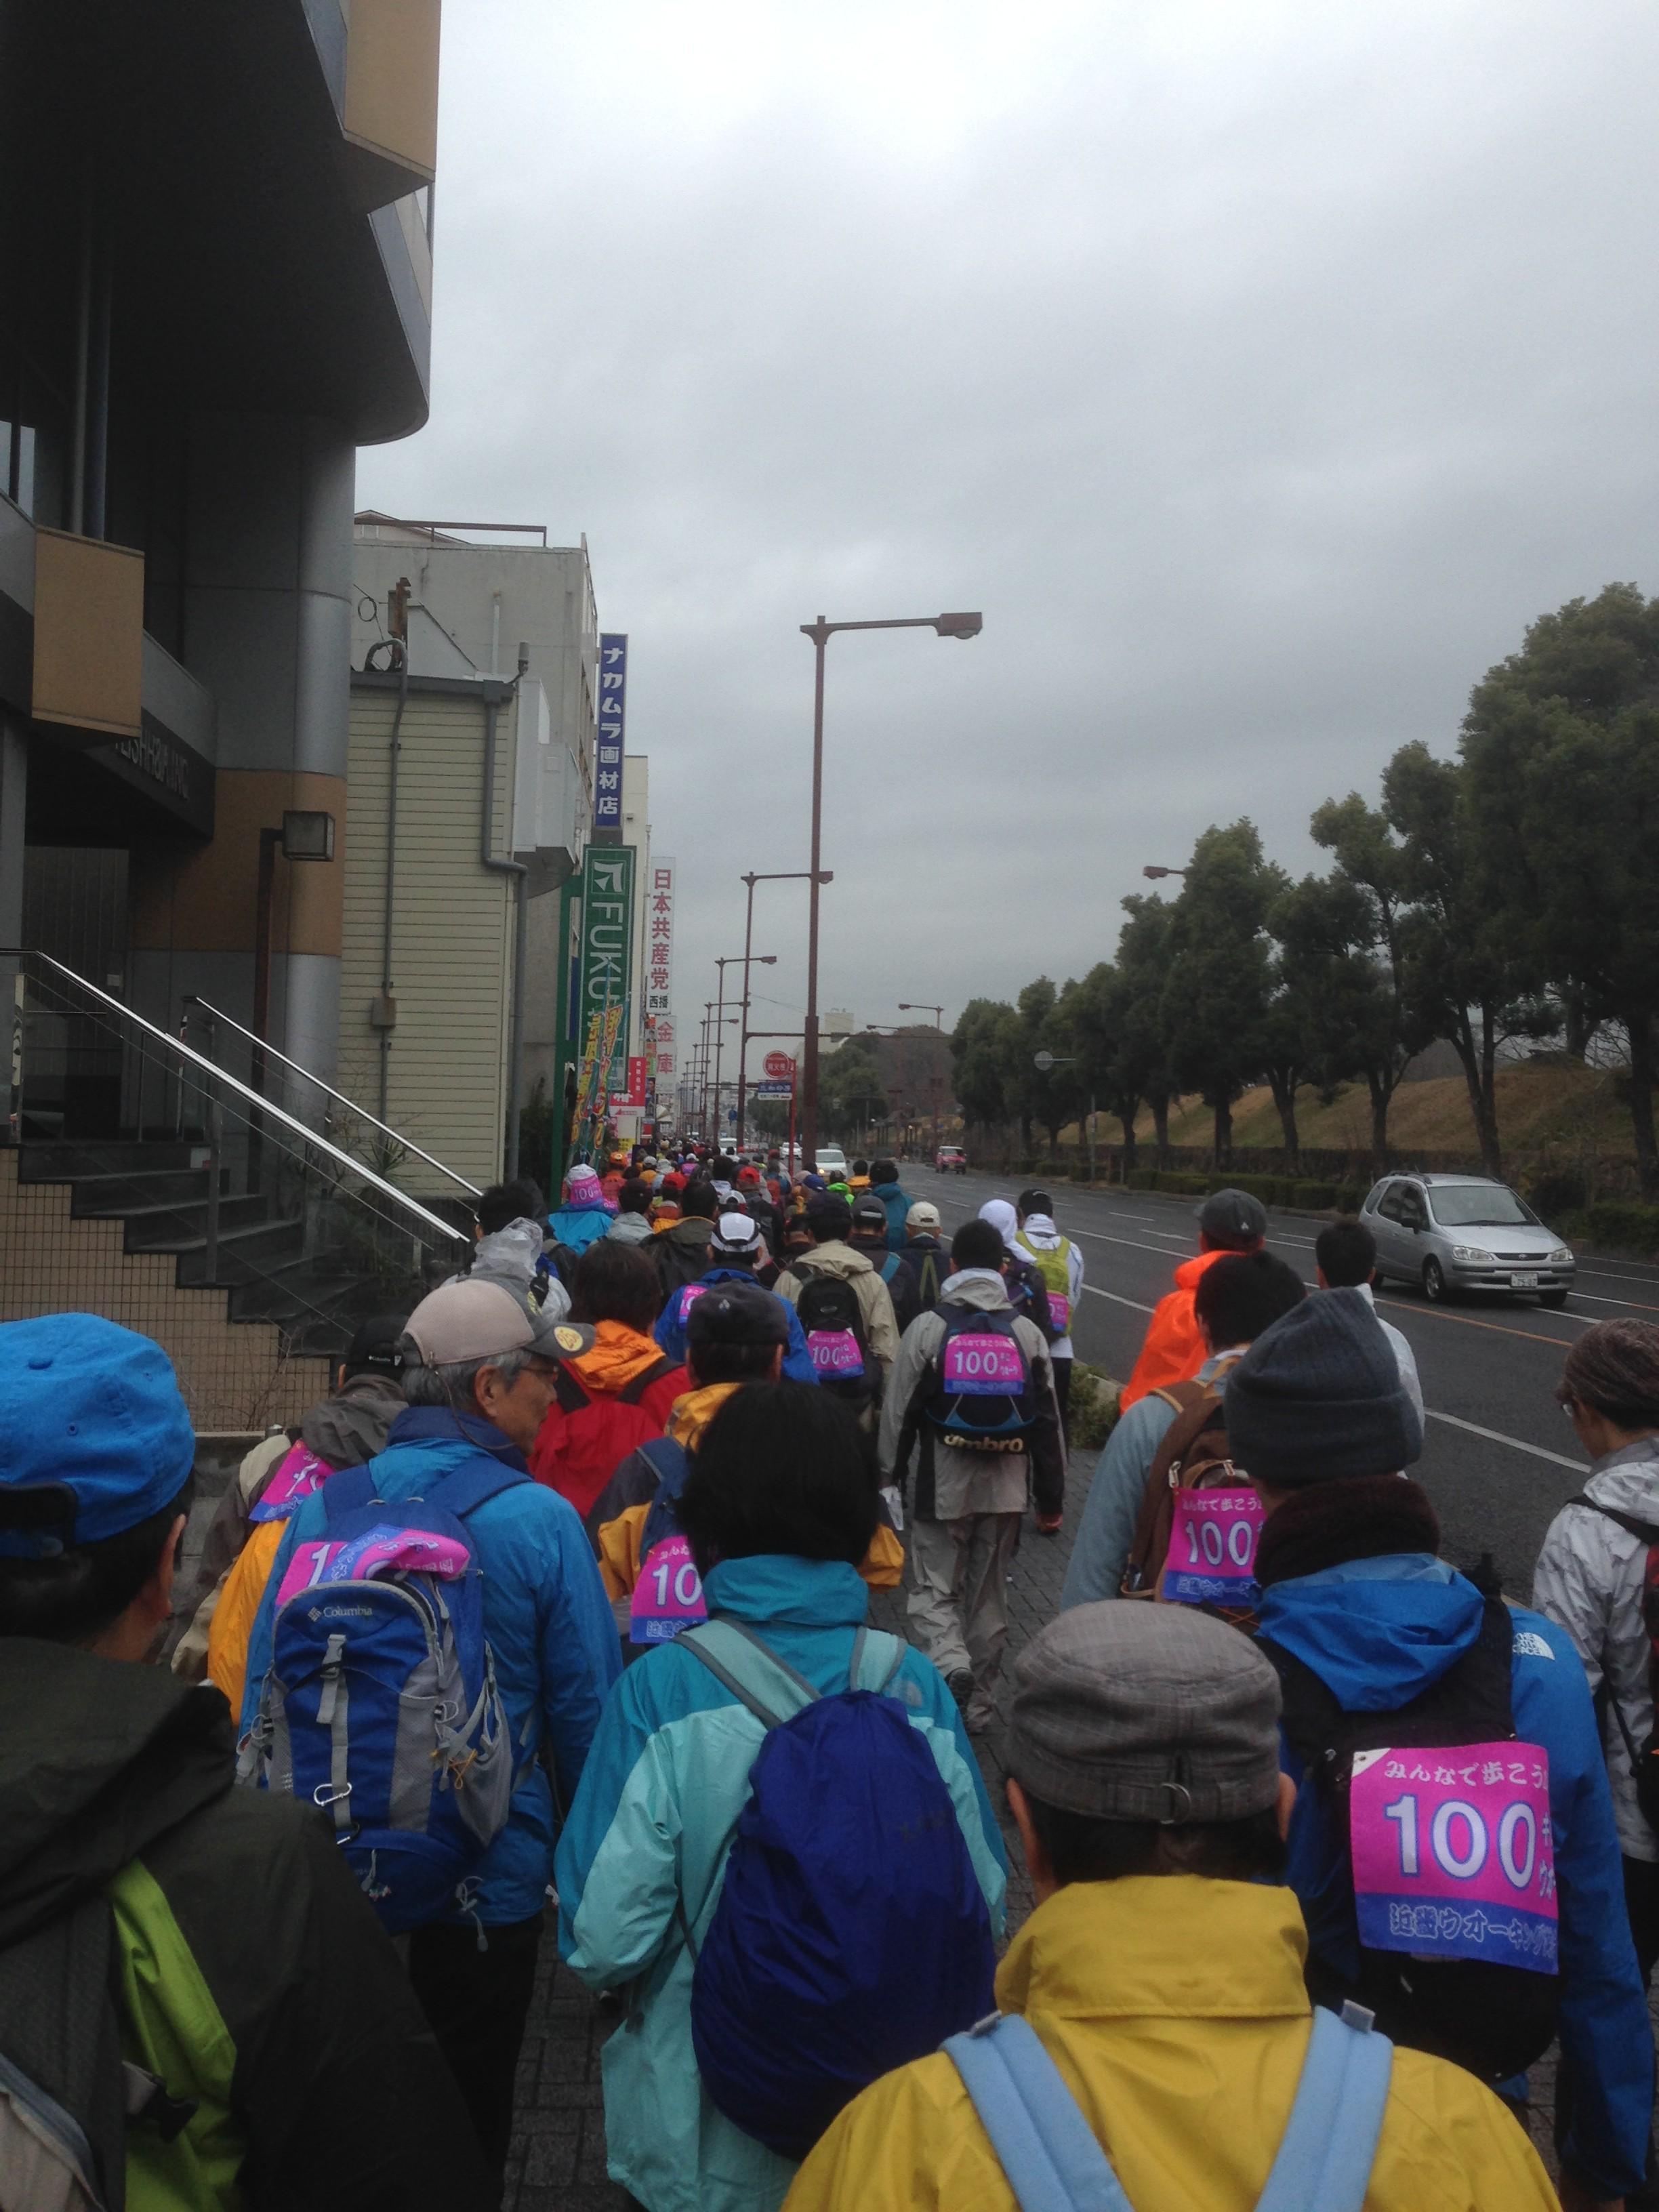 姫路大阪100kmウォーク参加しました。